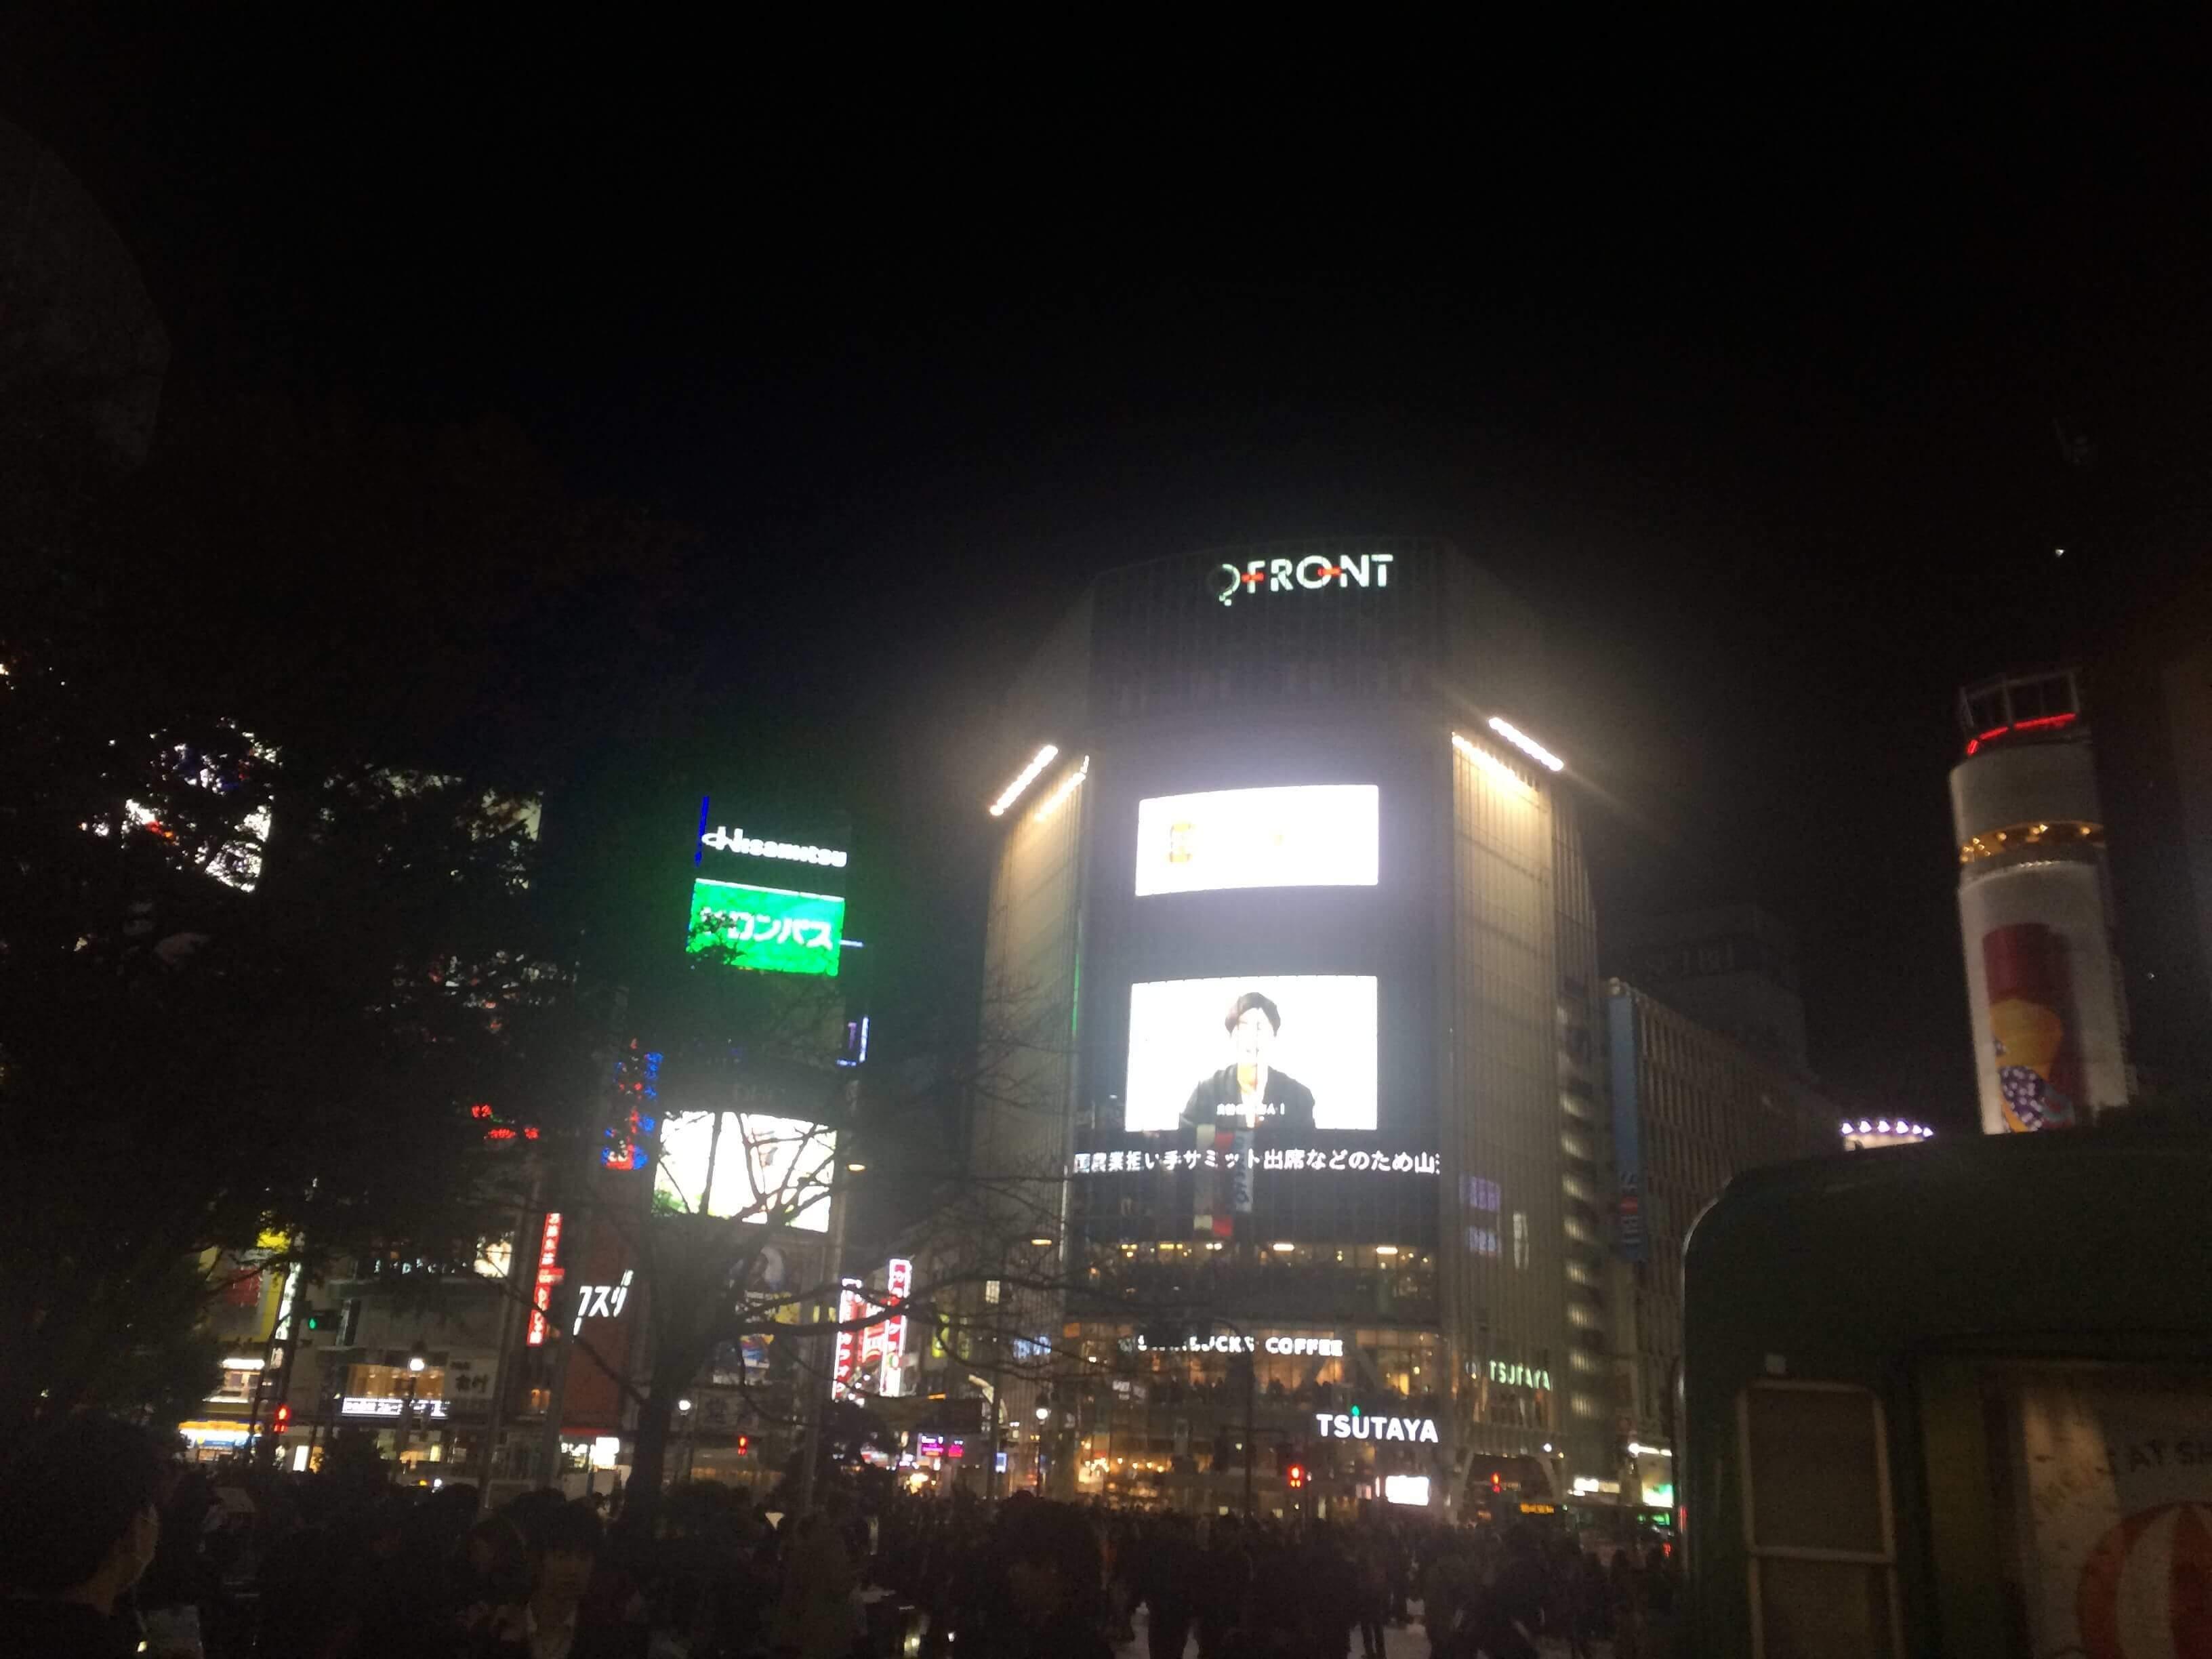 渋谷スクランブル交差点のビジョン